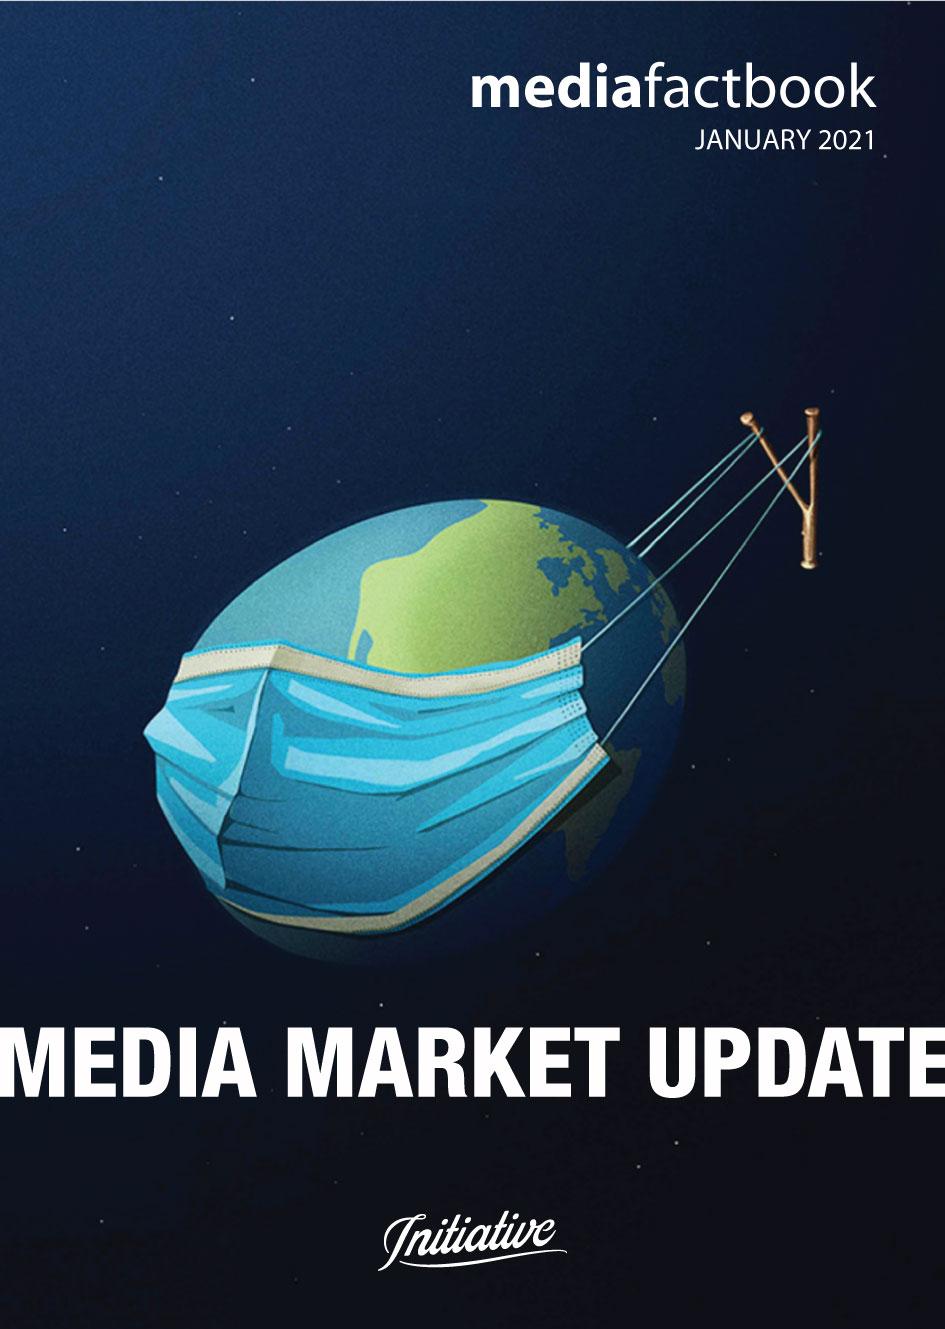 media Market update, Agenția Initiative: Piața de media din România a scăzut cu 2,7% în 2020, însă este așteptată o creștere de 4% în cursul acestui an